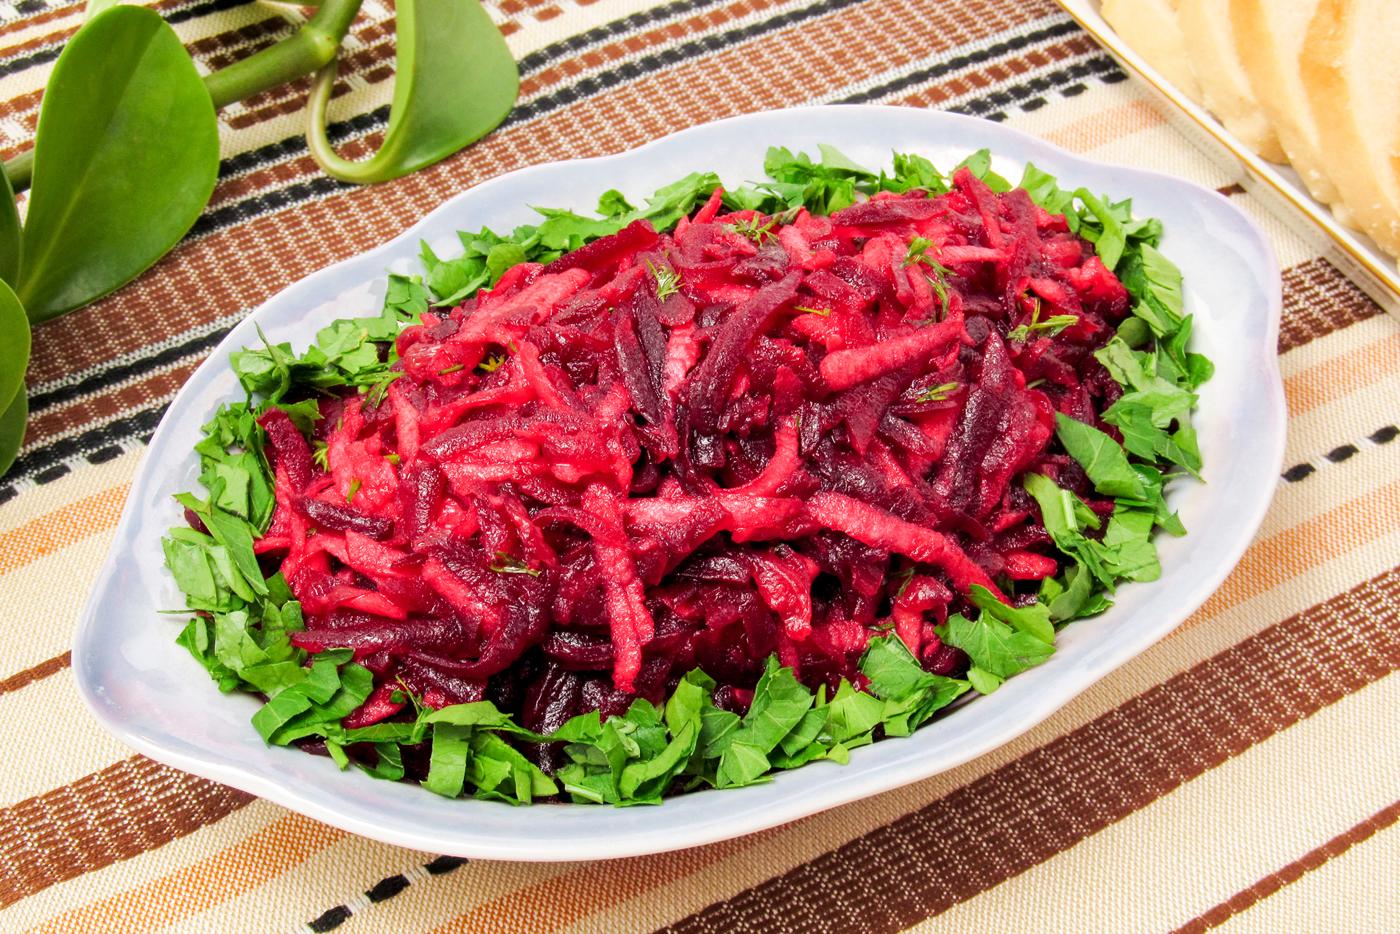 Beet salad recipe no cheese